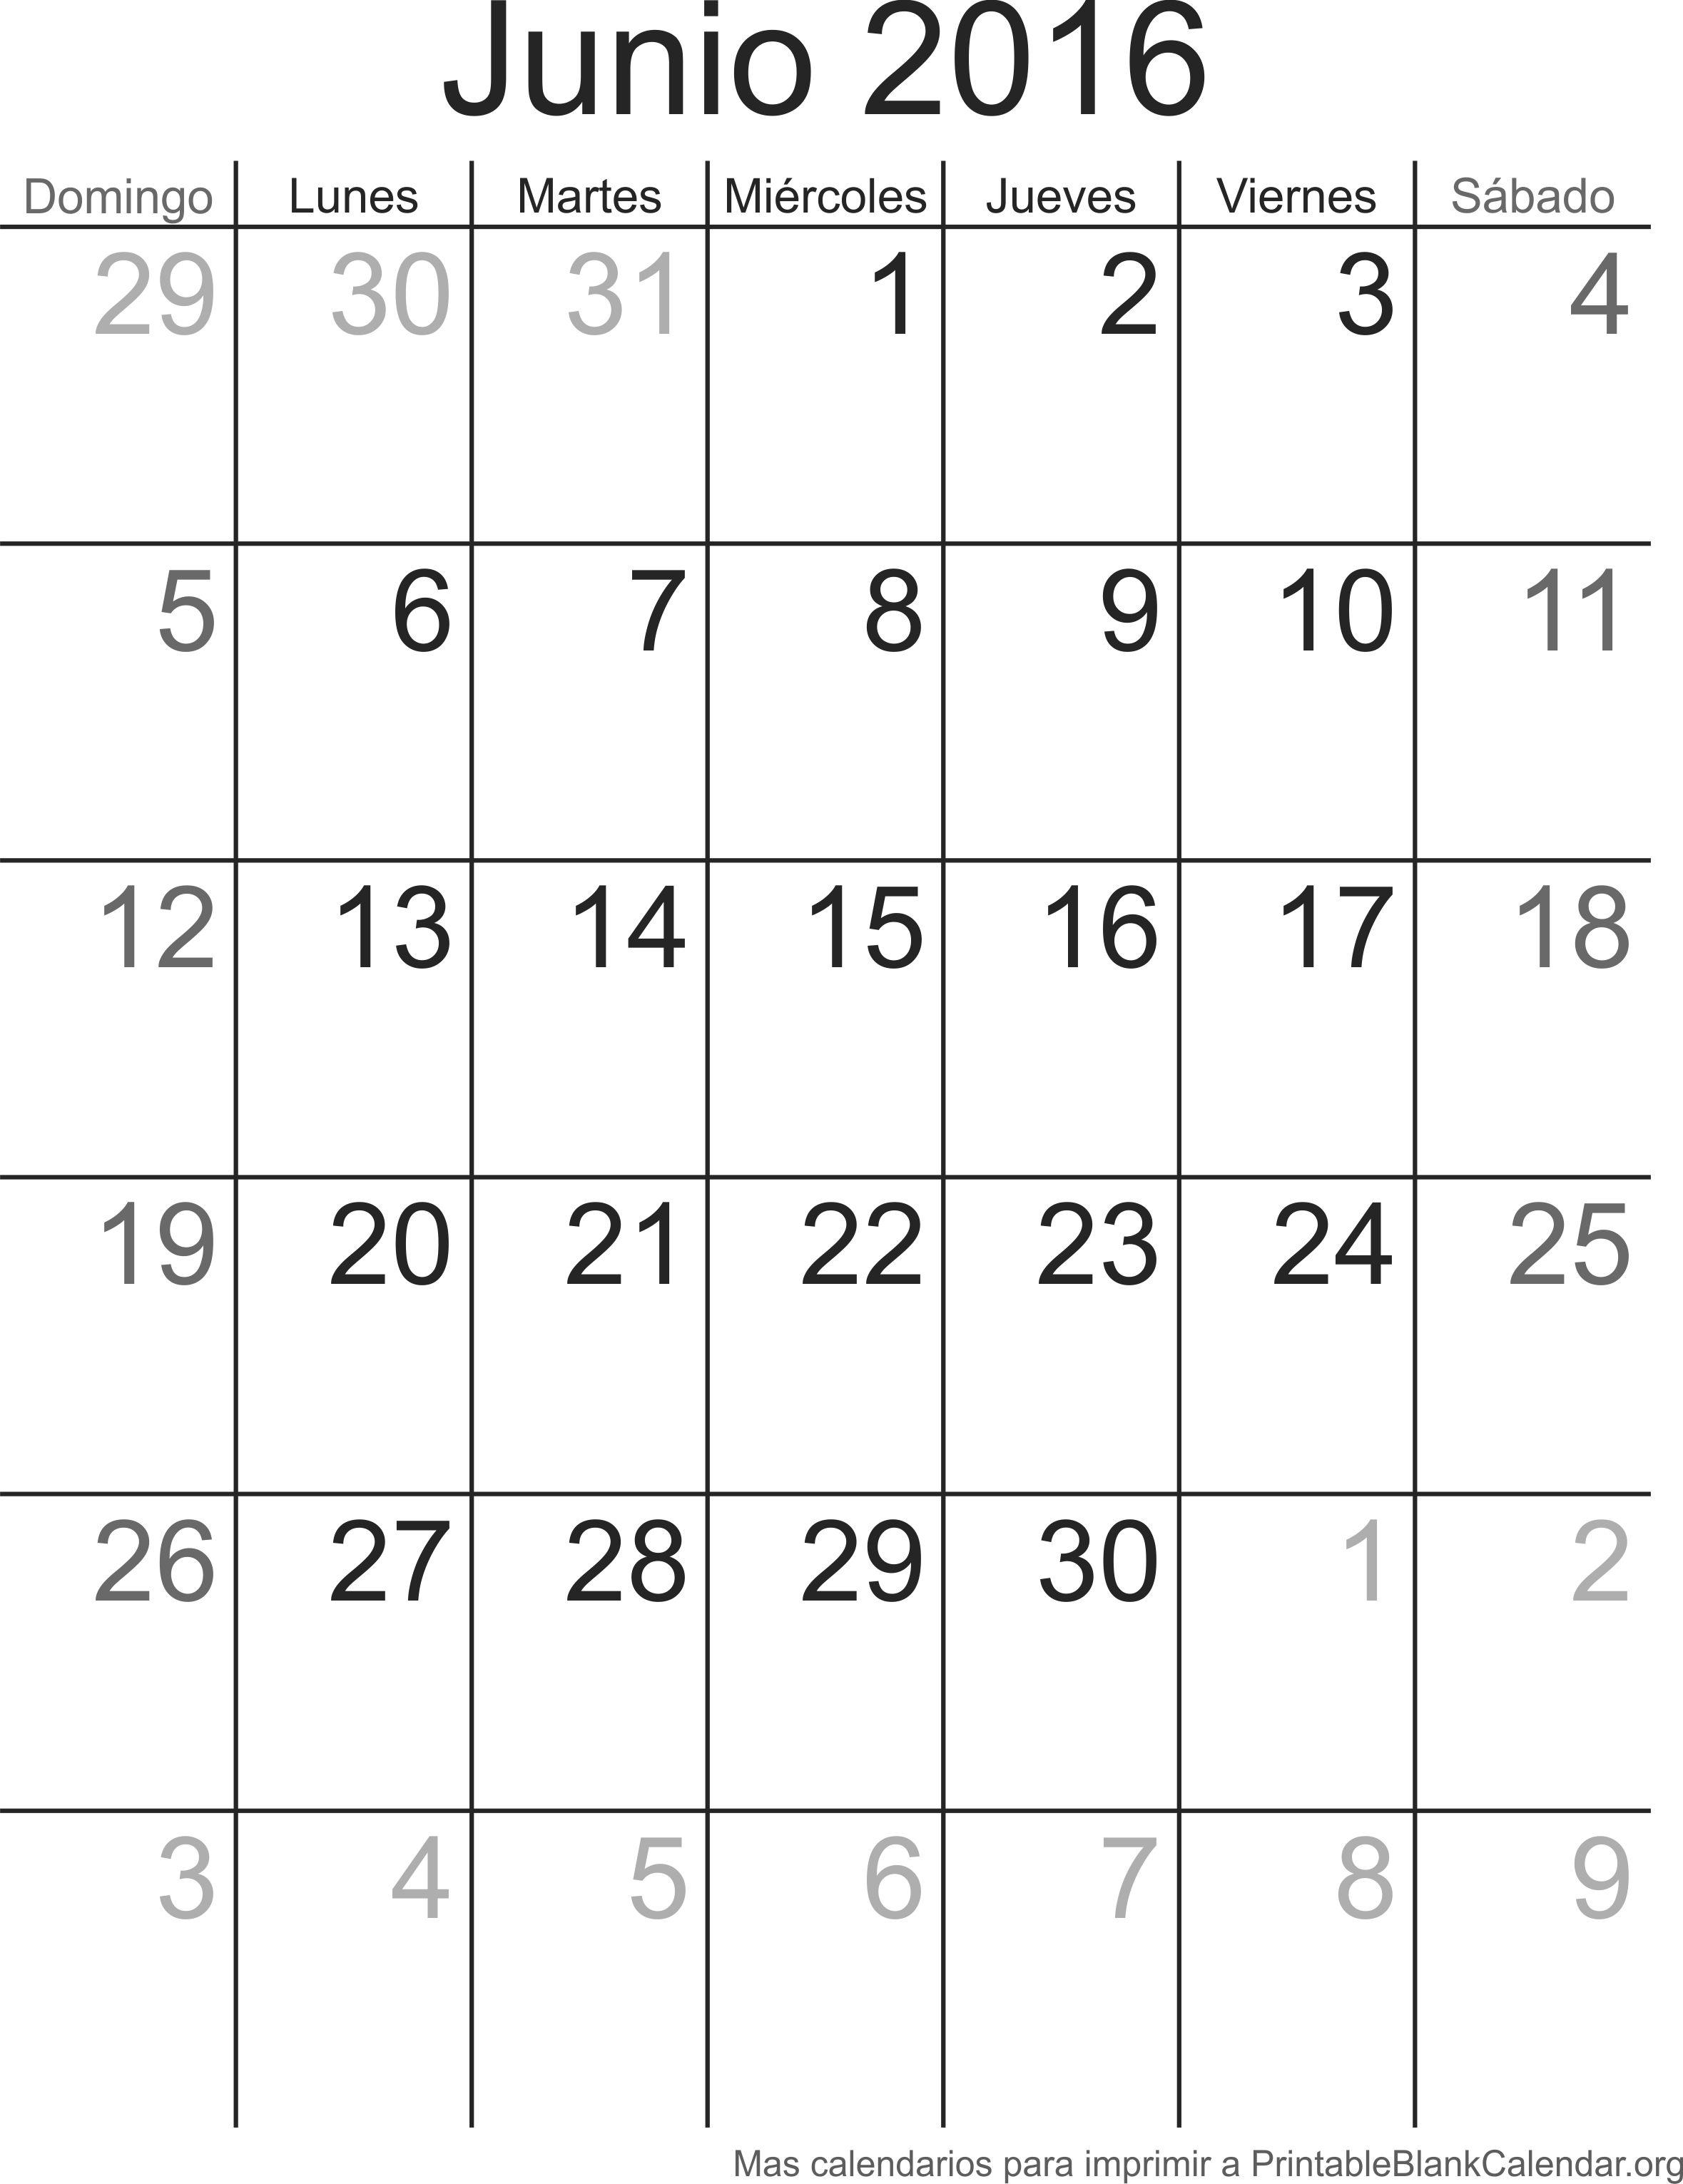 Imprimir calendario Junio 2016